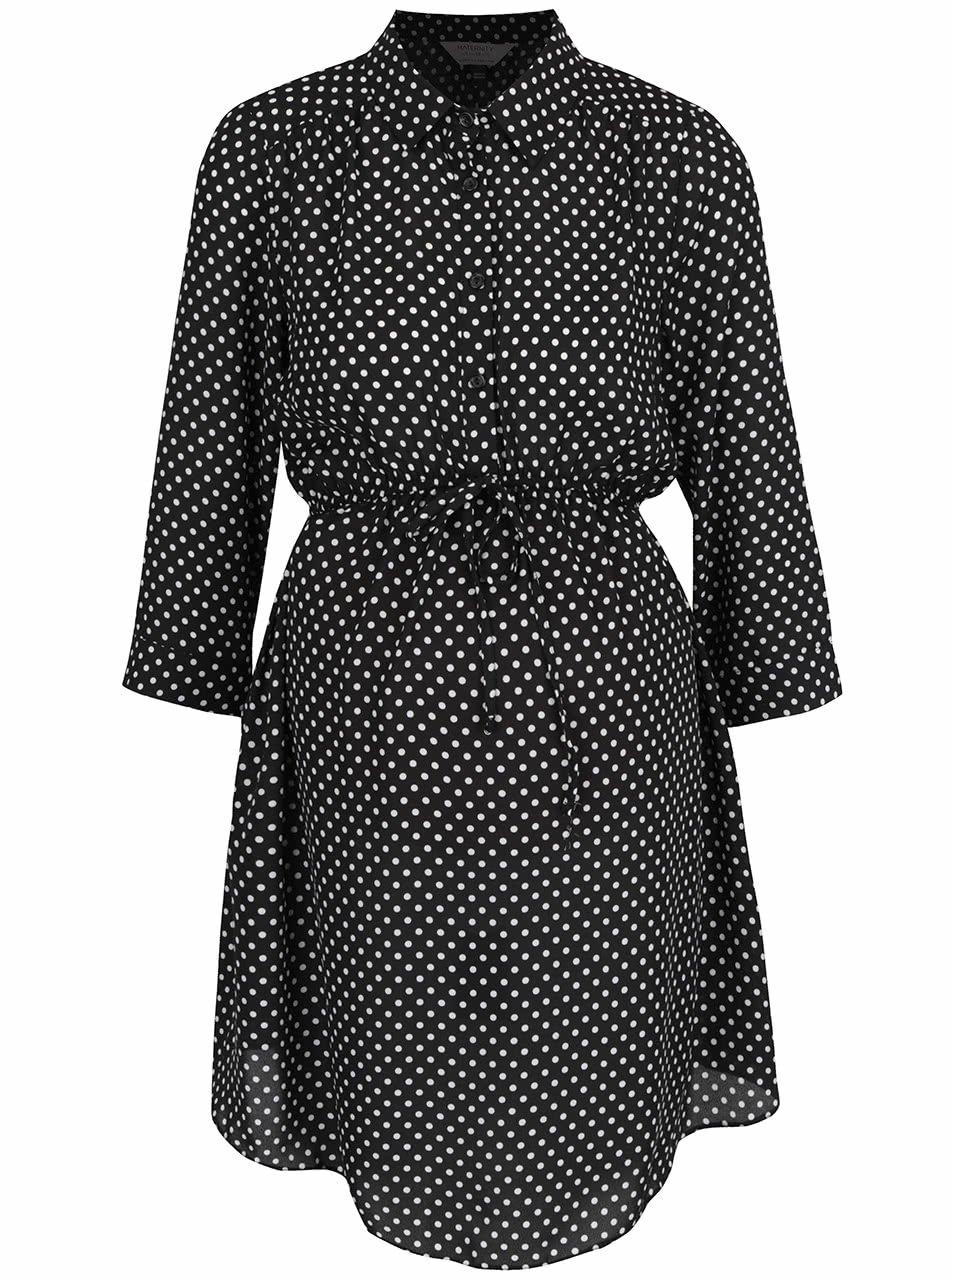 Černé těhotenské šaty s bílými puntíky Dorothy Perkins Maternity